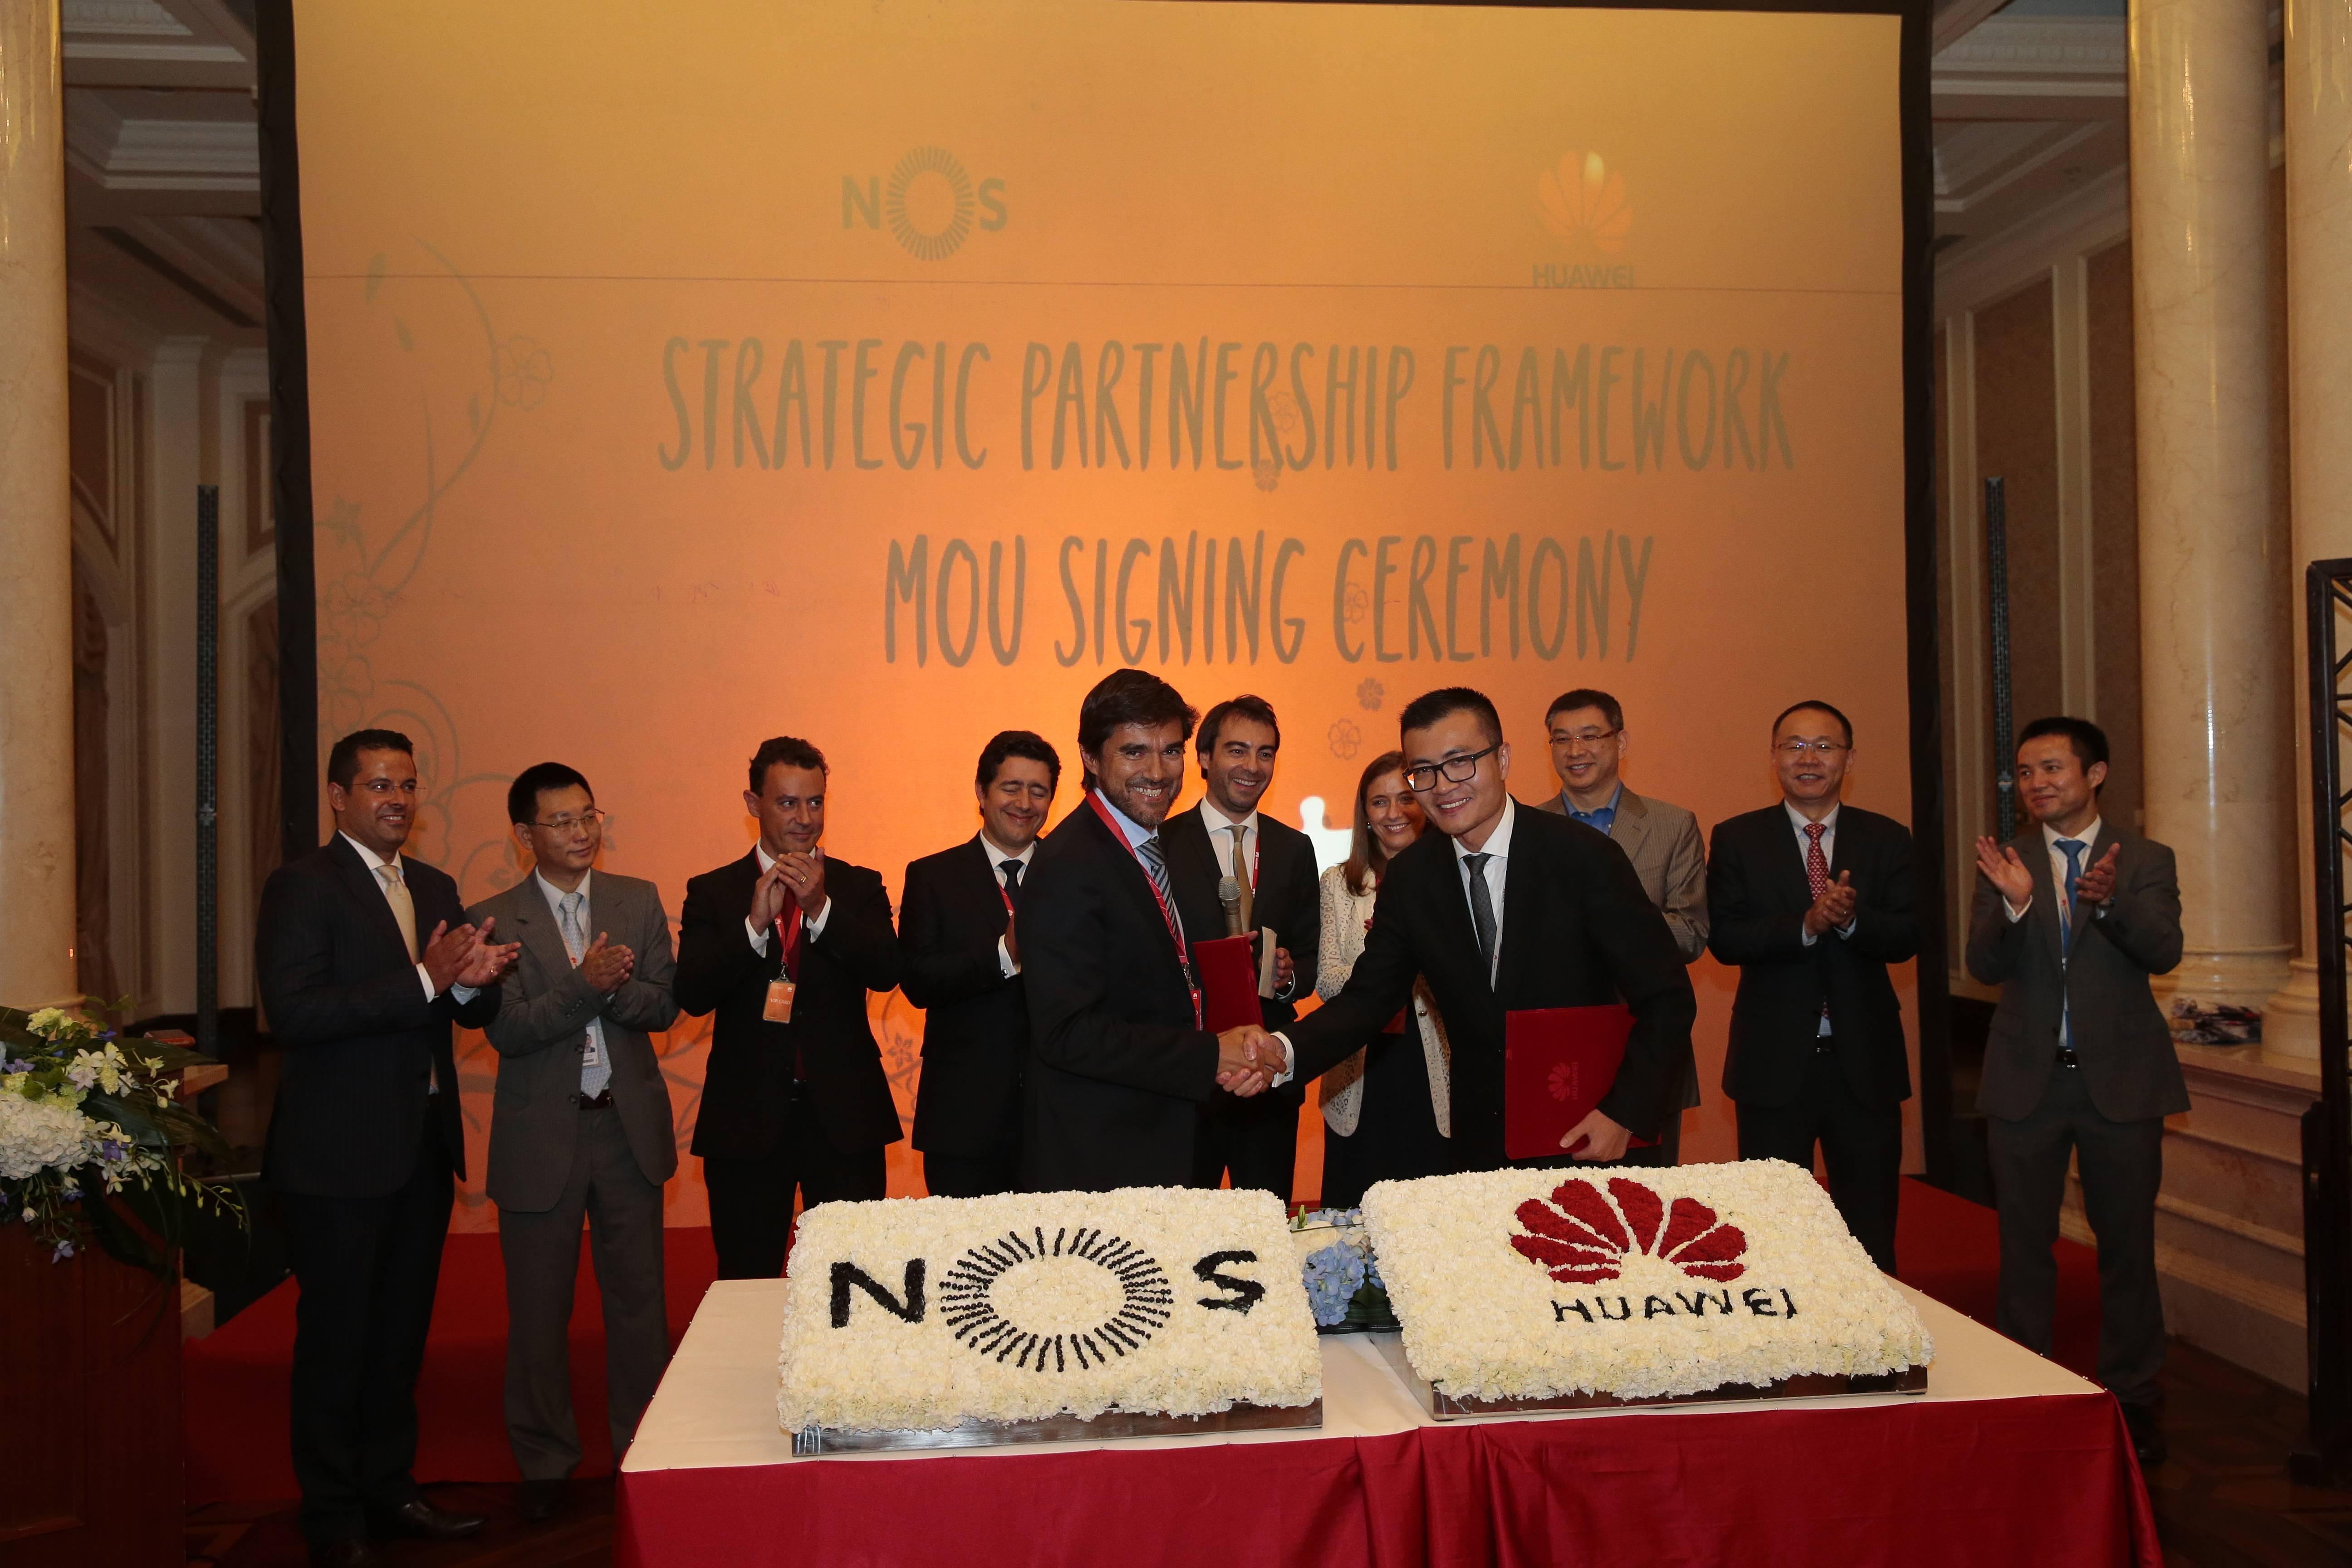 NOS e HUAWEI formalizam parceria estratégica